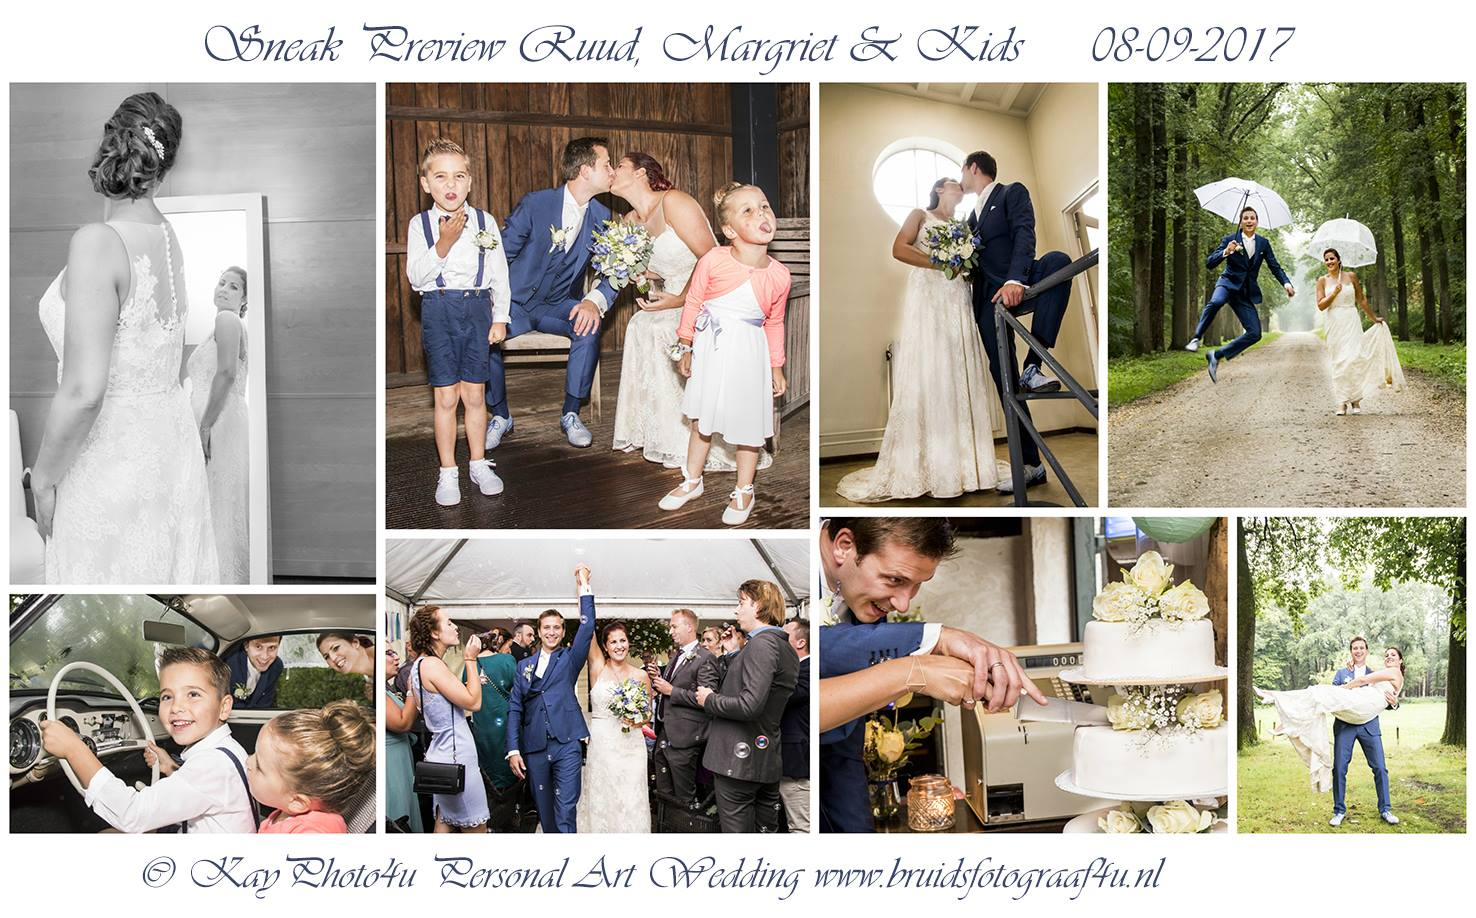 trouwreportage de zwarte boer ermelo, trouwfotograaf, bruidsfotograaf4u.nl, bruidsfotograaaf4u. personalartwedding, personal art, bruidsfotograaf, trouwfotografie, bruidsfotografie, trouwfotograaf, kayphoto4u, trouwen ermelo, bruidsreportage ermelo, trouwreportage ermelo, bruiloftreportage, bruiloft met kinderen, huwelijk met kinderen, trouwen, wedding, theperfectwedding, award trouwfotograaf, professioneel trouwfotograaf, creatieve trouwfotografie, trouwfotograaf amersfoort, trouwfotograaf utrecht, trouwfotograaf ermelo, trouwfotograaf arnhem, trouwfotograaf lelystad, trouwfotograaf amsterdam, trouwfotograaf apeldoorn, bruidsfotograaf utrecht, bruidsfotograaf amersfoort, bruidsfotograaf ermelo, bruidsfotograaf anrhem